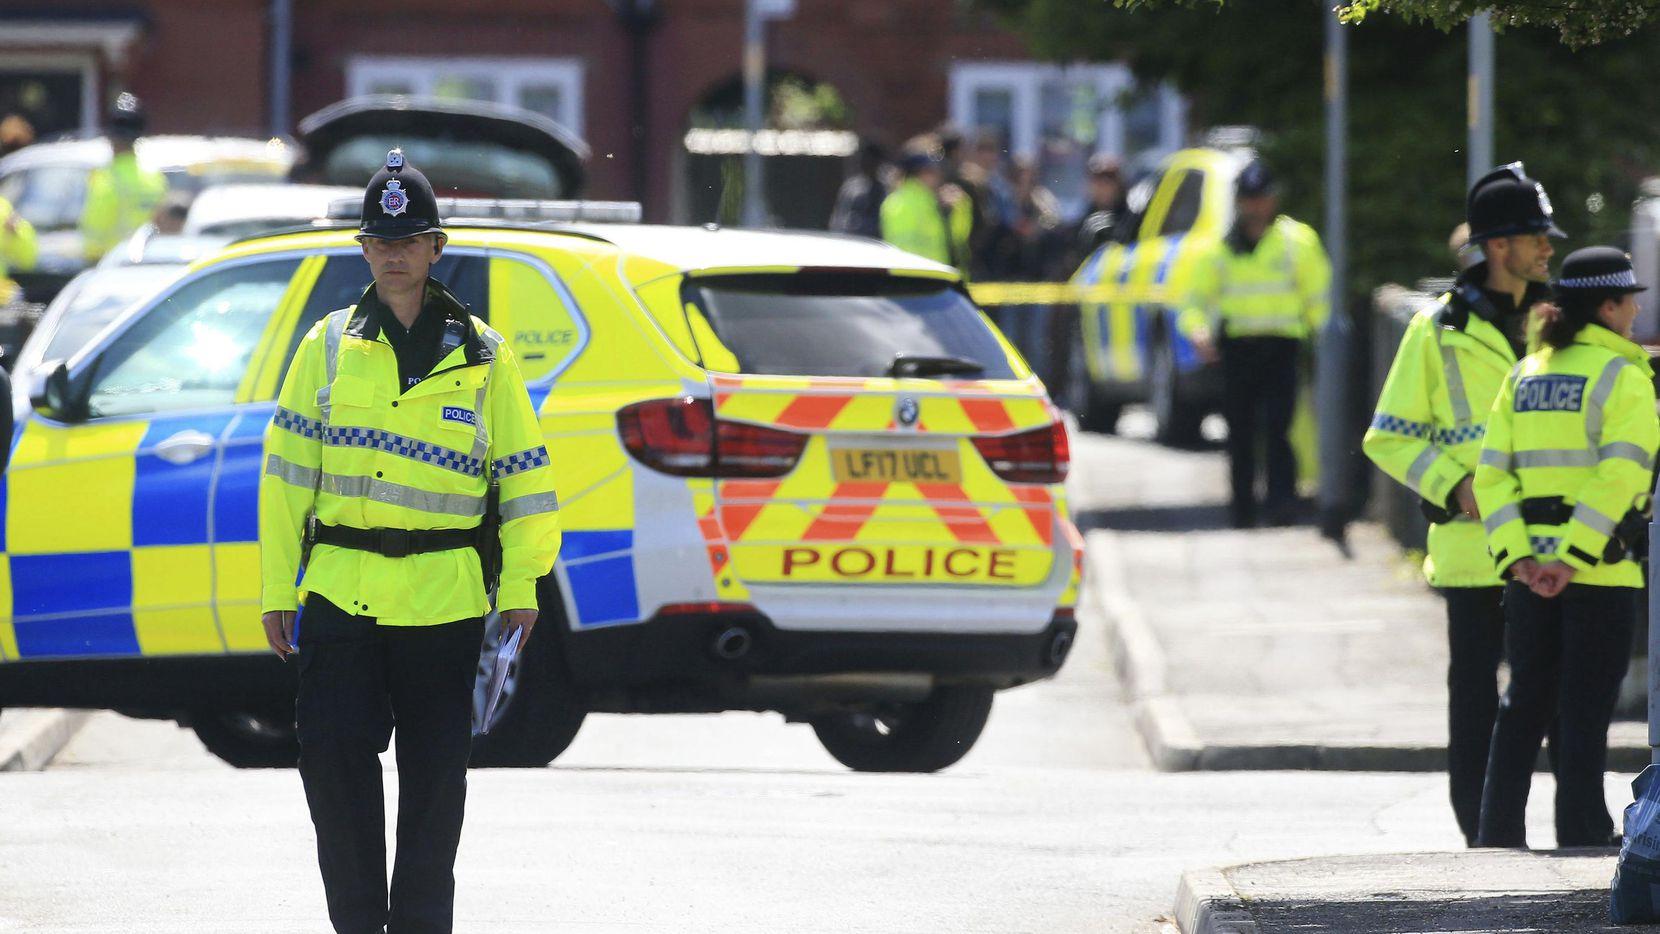 La policía patrulla la calle tras una arresto en Chorlton, Inglaterra, con relación al atentado con bombas en un concierto de Ariana Grande el martes, 23 de mayo de 2017. (AP/DANNY LAWSON)